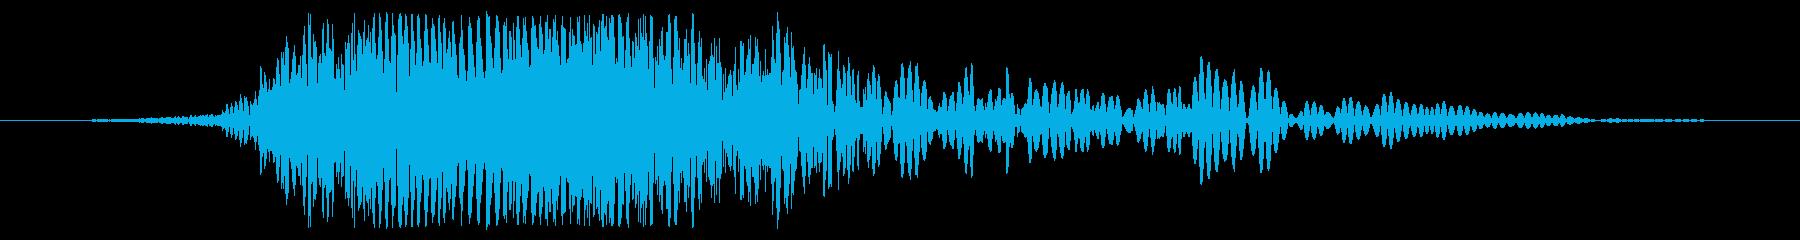 急速な爆発的な流星の地面への衝撃、...の再生済みの波形